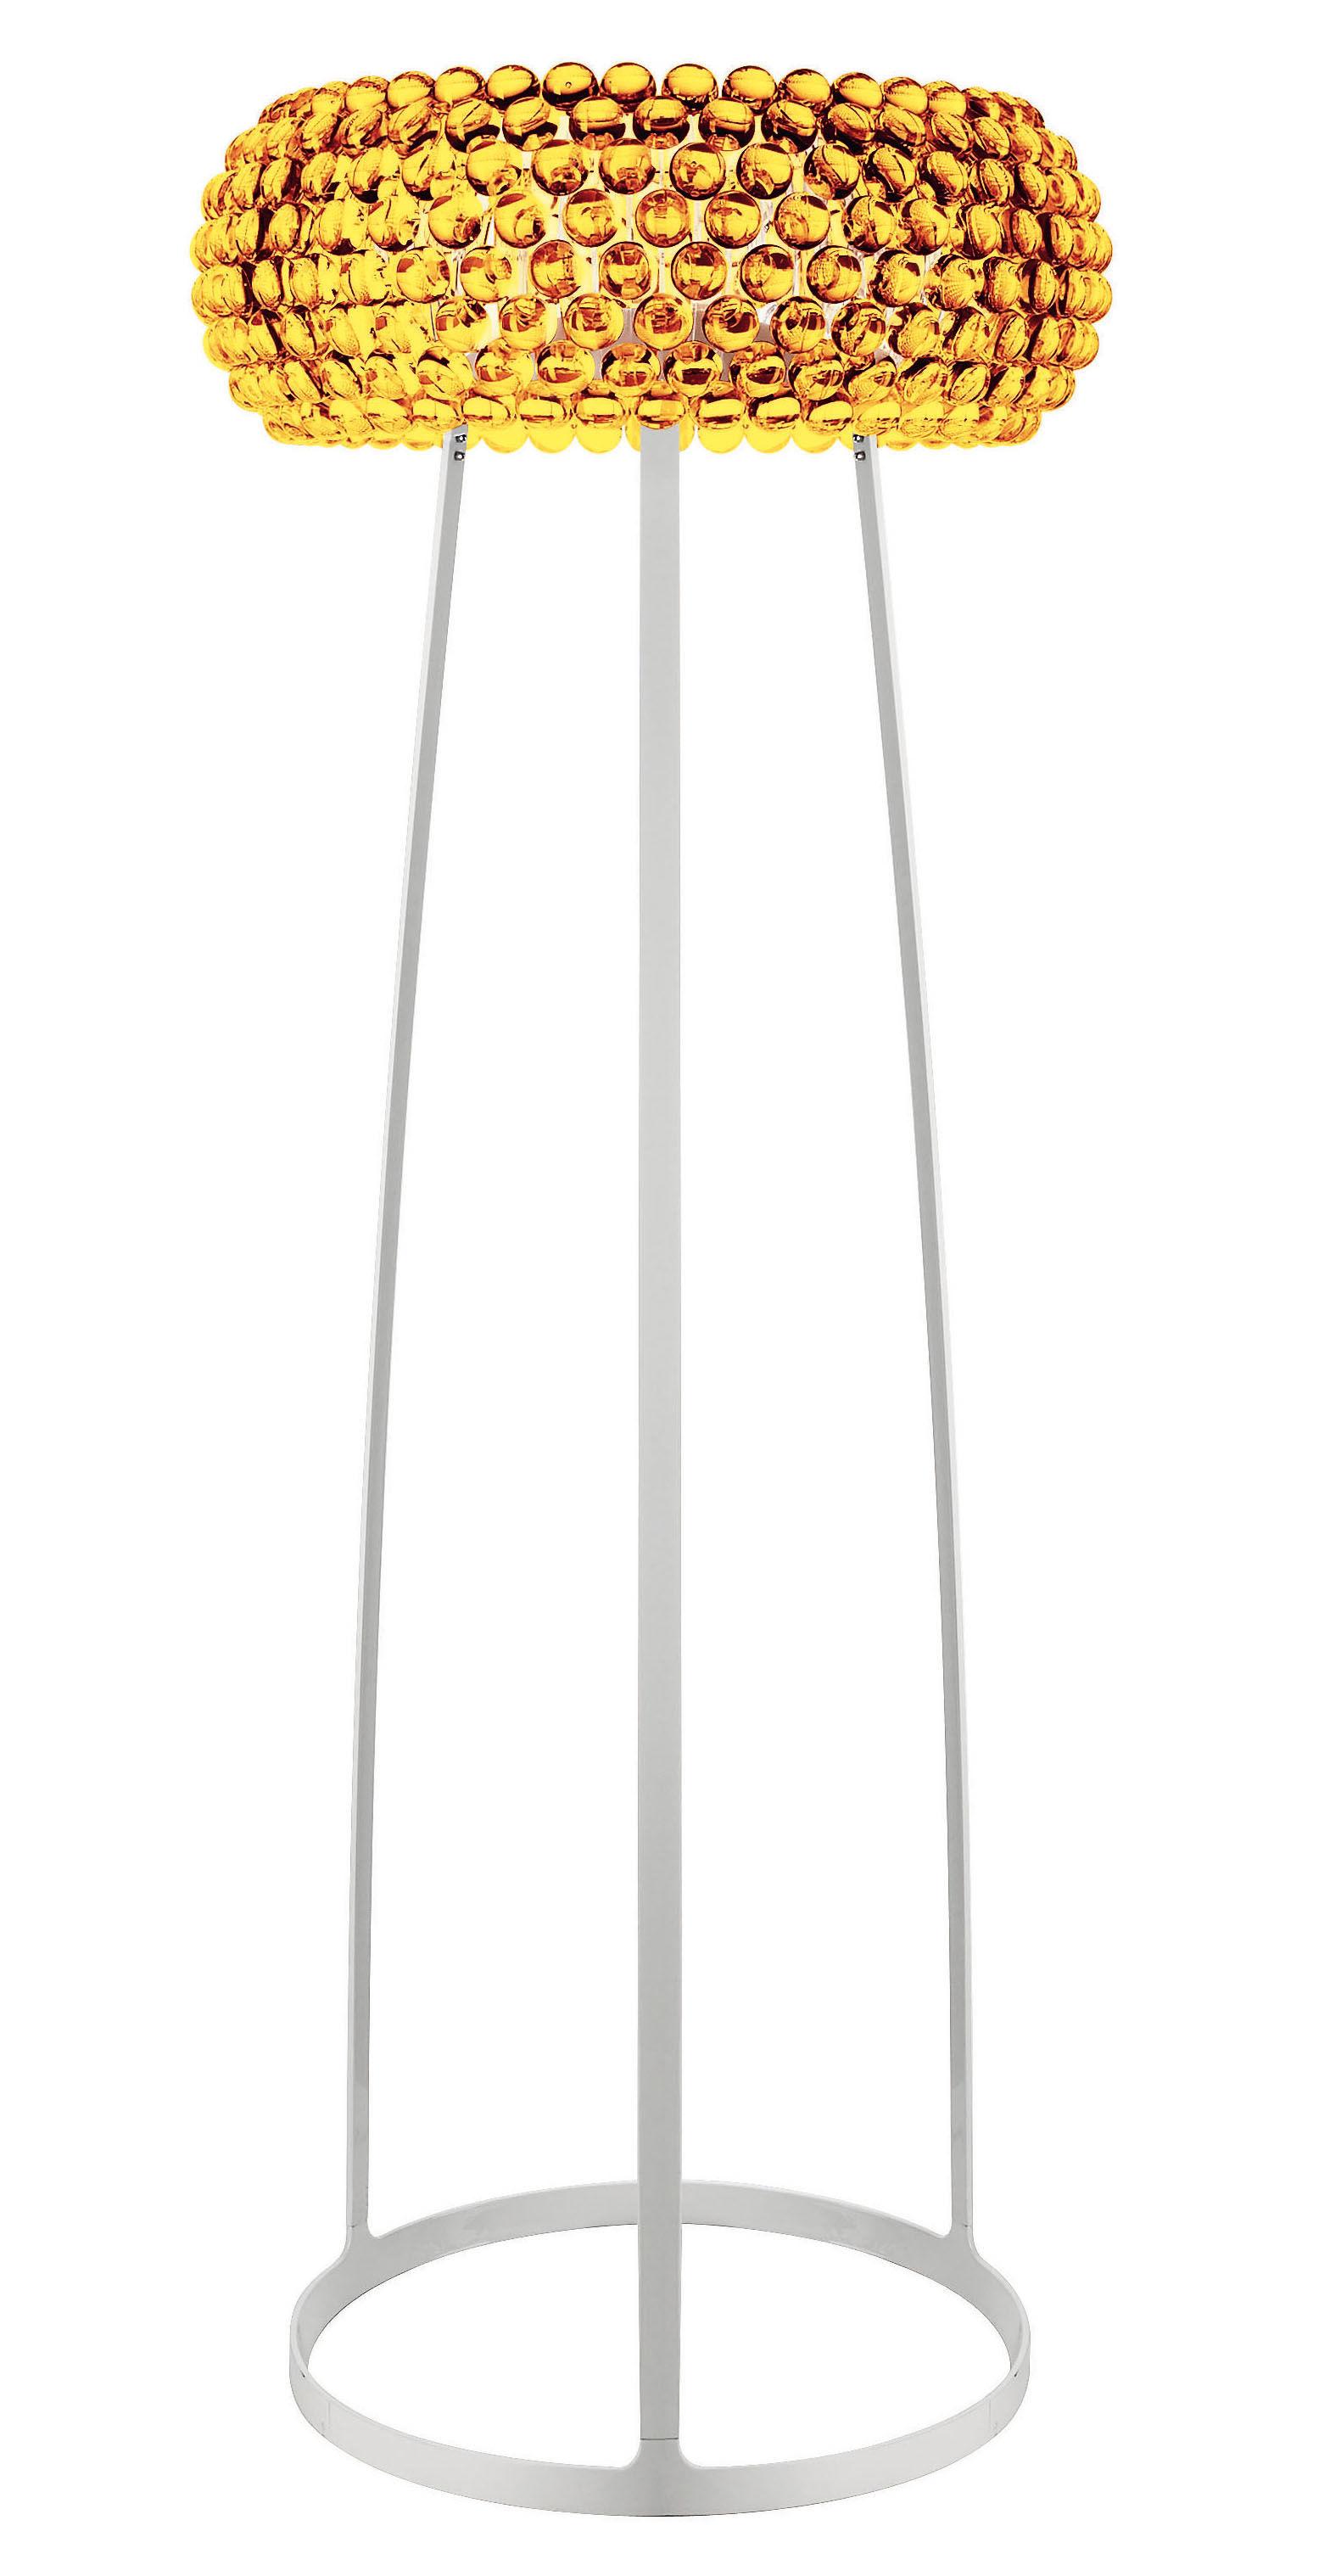 Leuchten - Stehleuchten - Caboche Grande Stehleuchte Groß - Foscarini - Bernstein - H 178 cm - Metall, PMMA